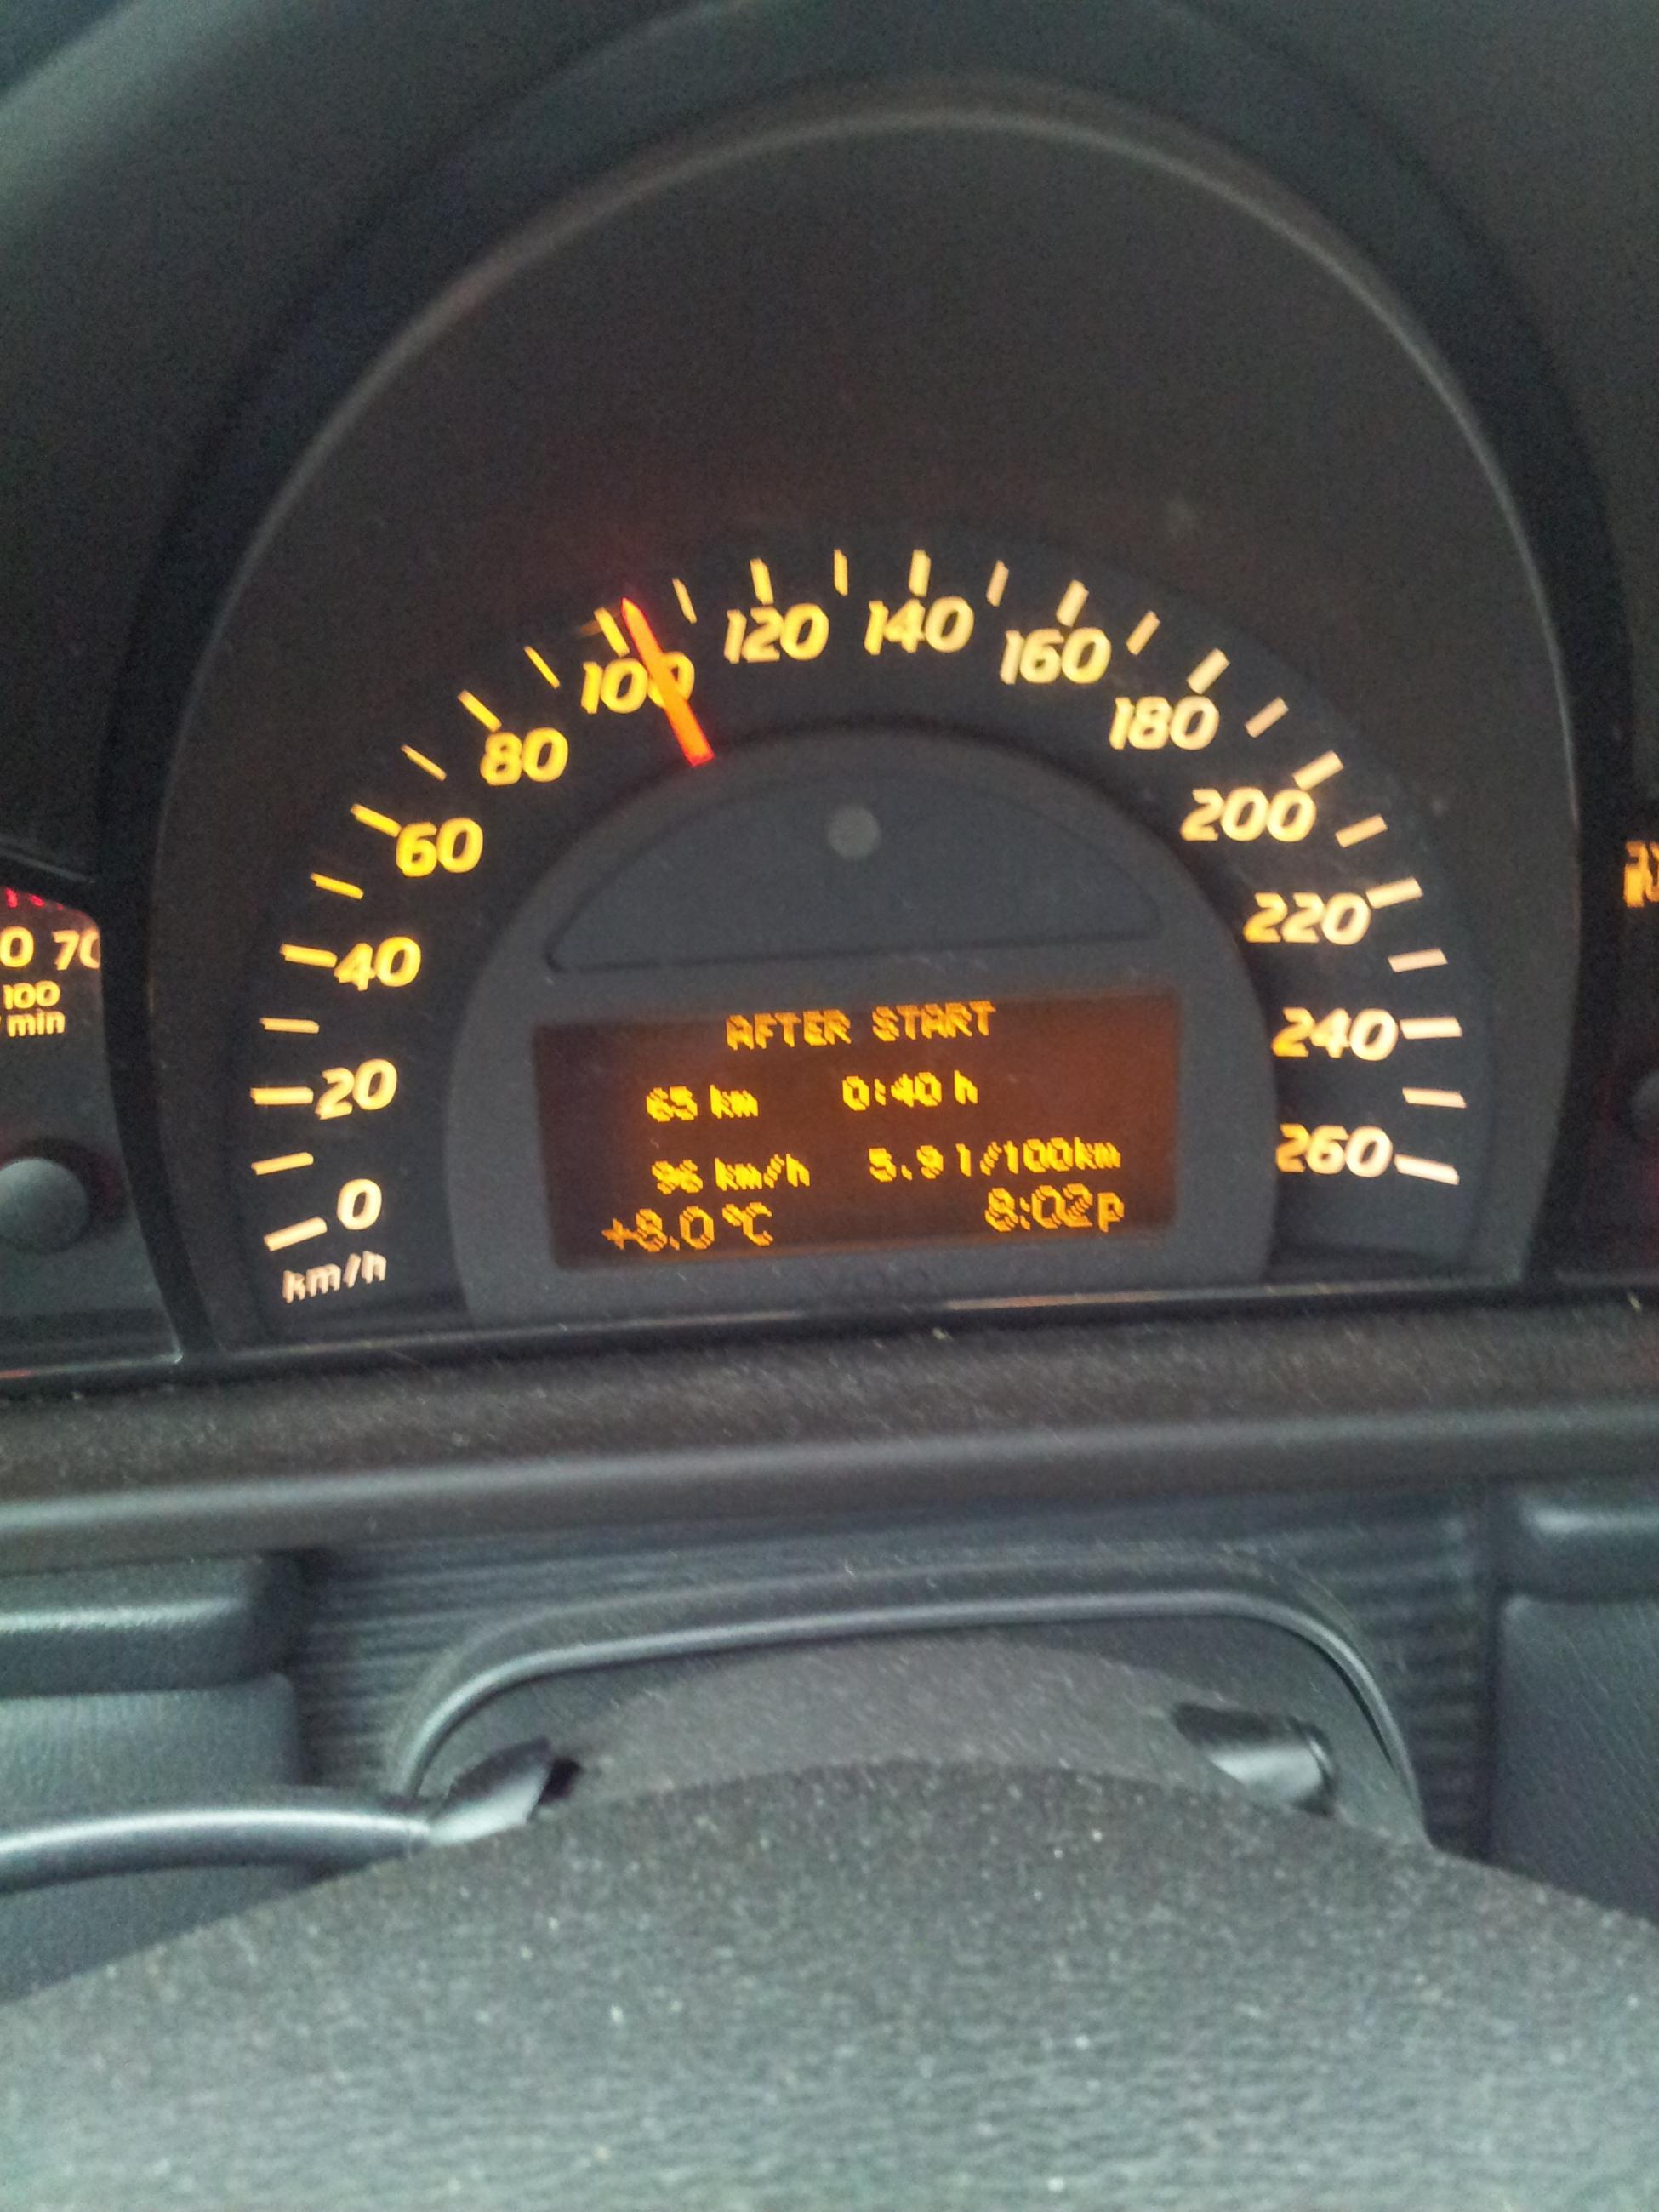 2001 C200 Kompressor Terrible Fuel Economy Mbworld Org